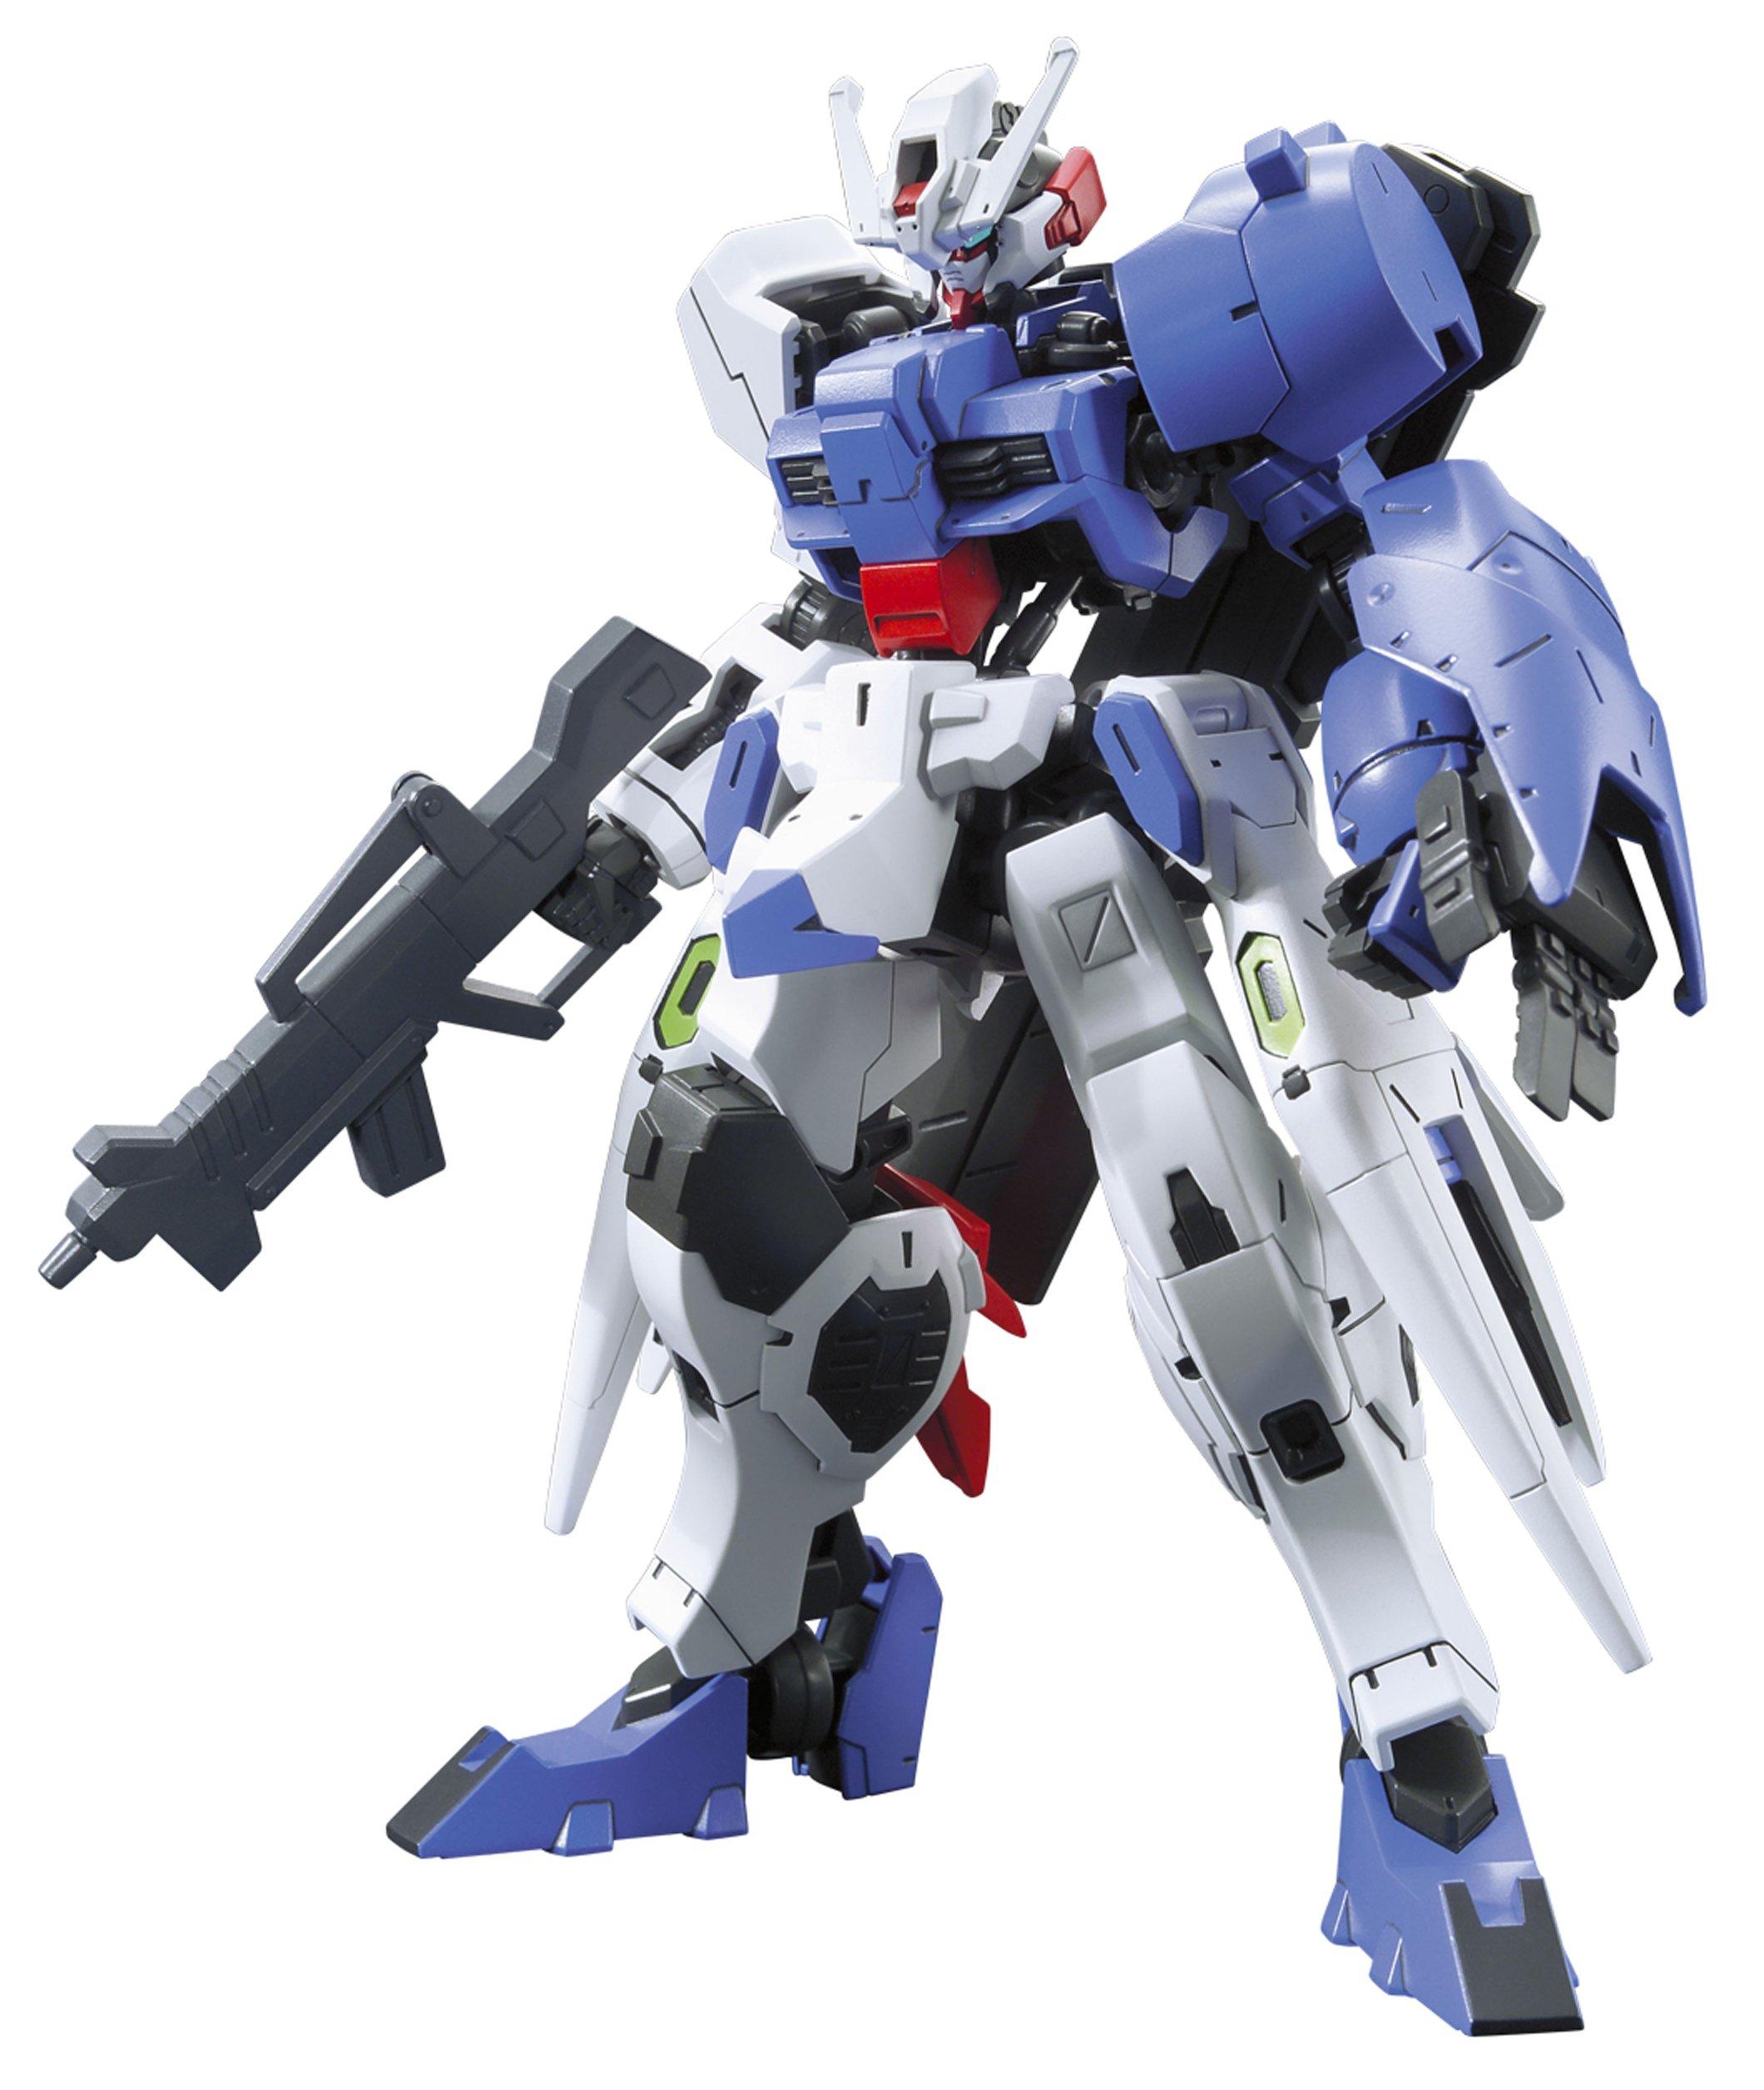 Bandai Hobby HG IBO 1/144 Astaroth Gundam Iron-Blooded Orphans Action Figure by Bandai Hobby